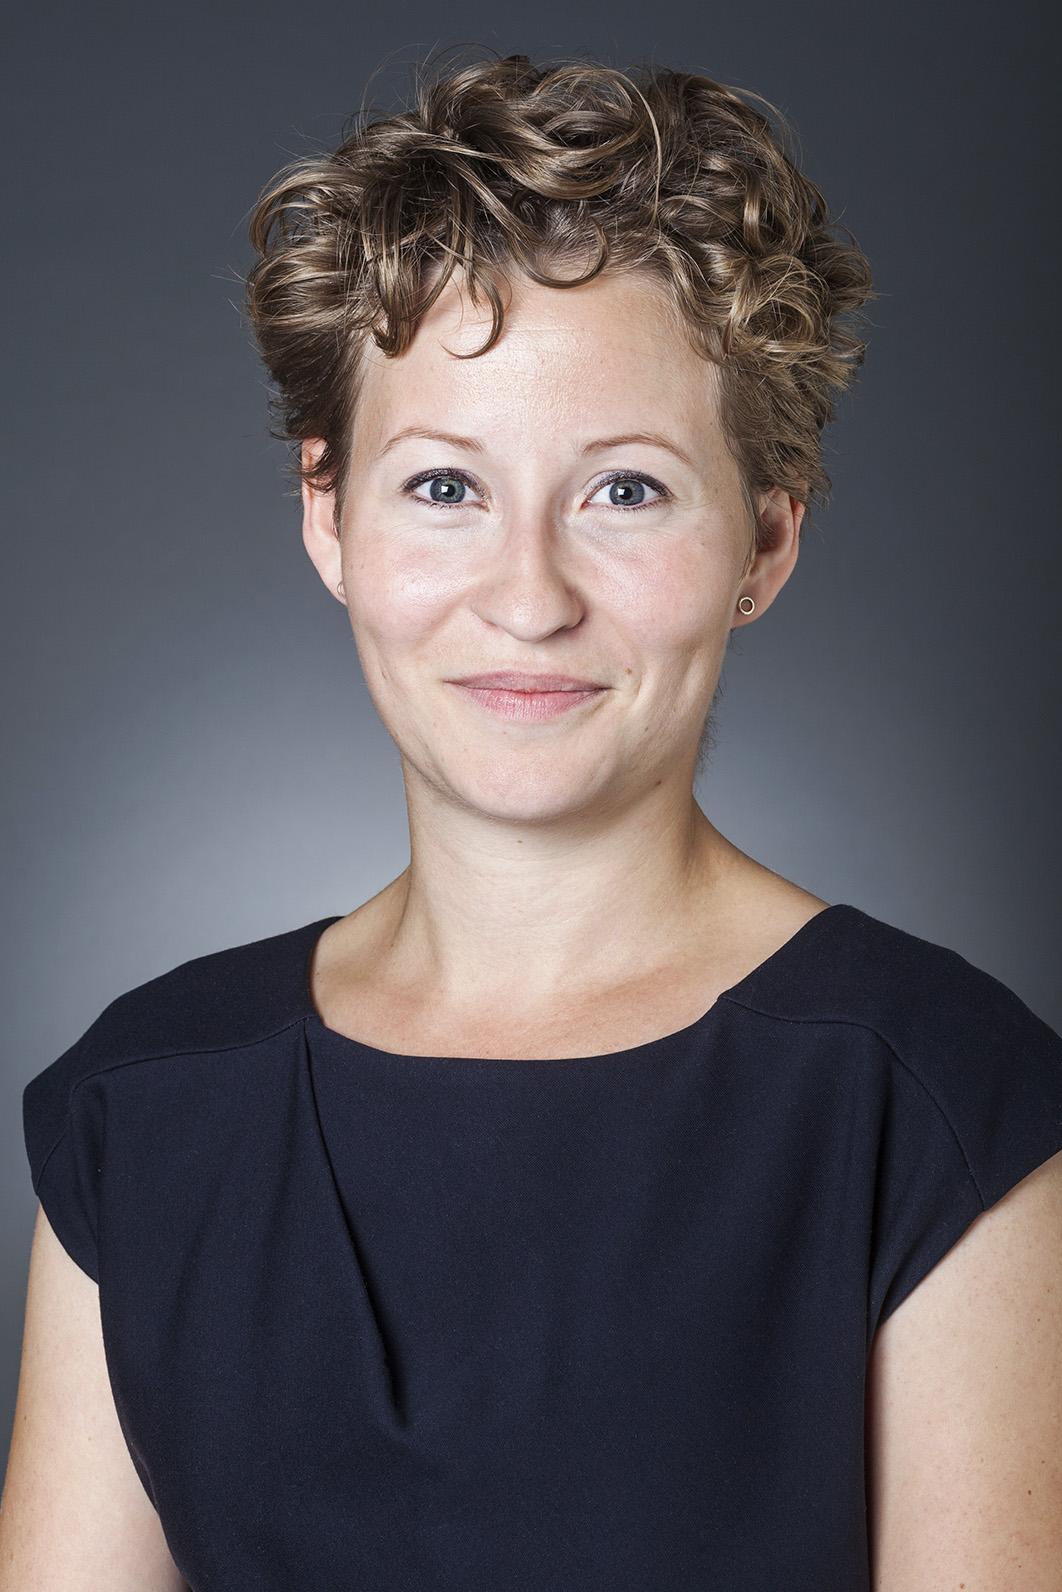 Julie Bladt Goodall